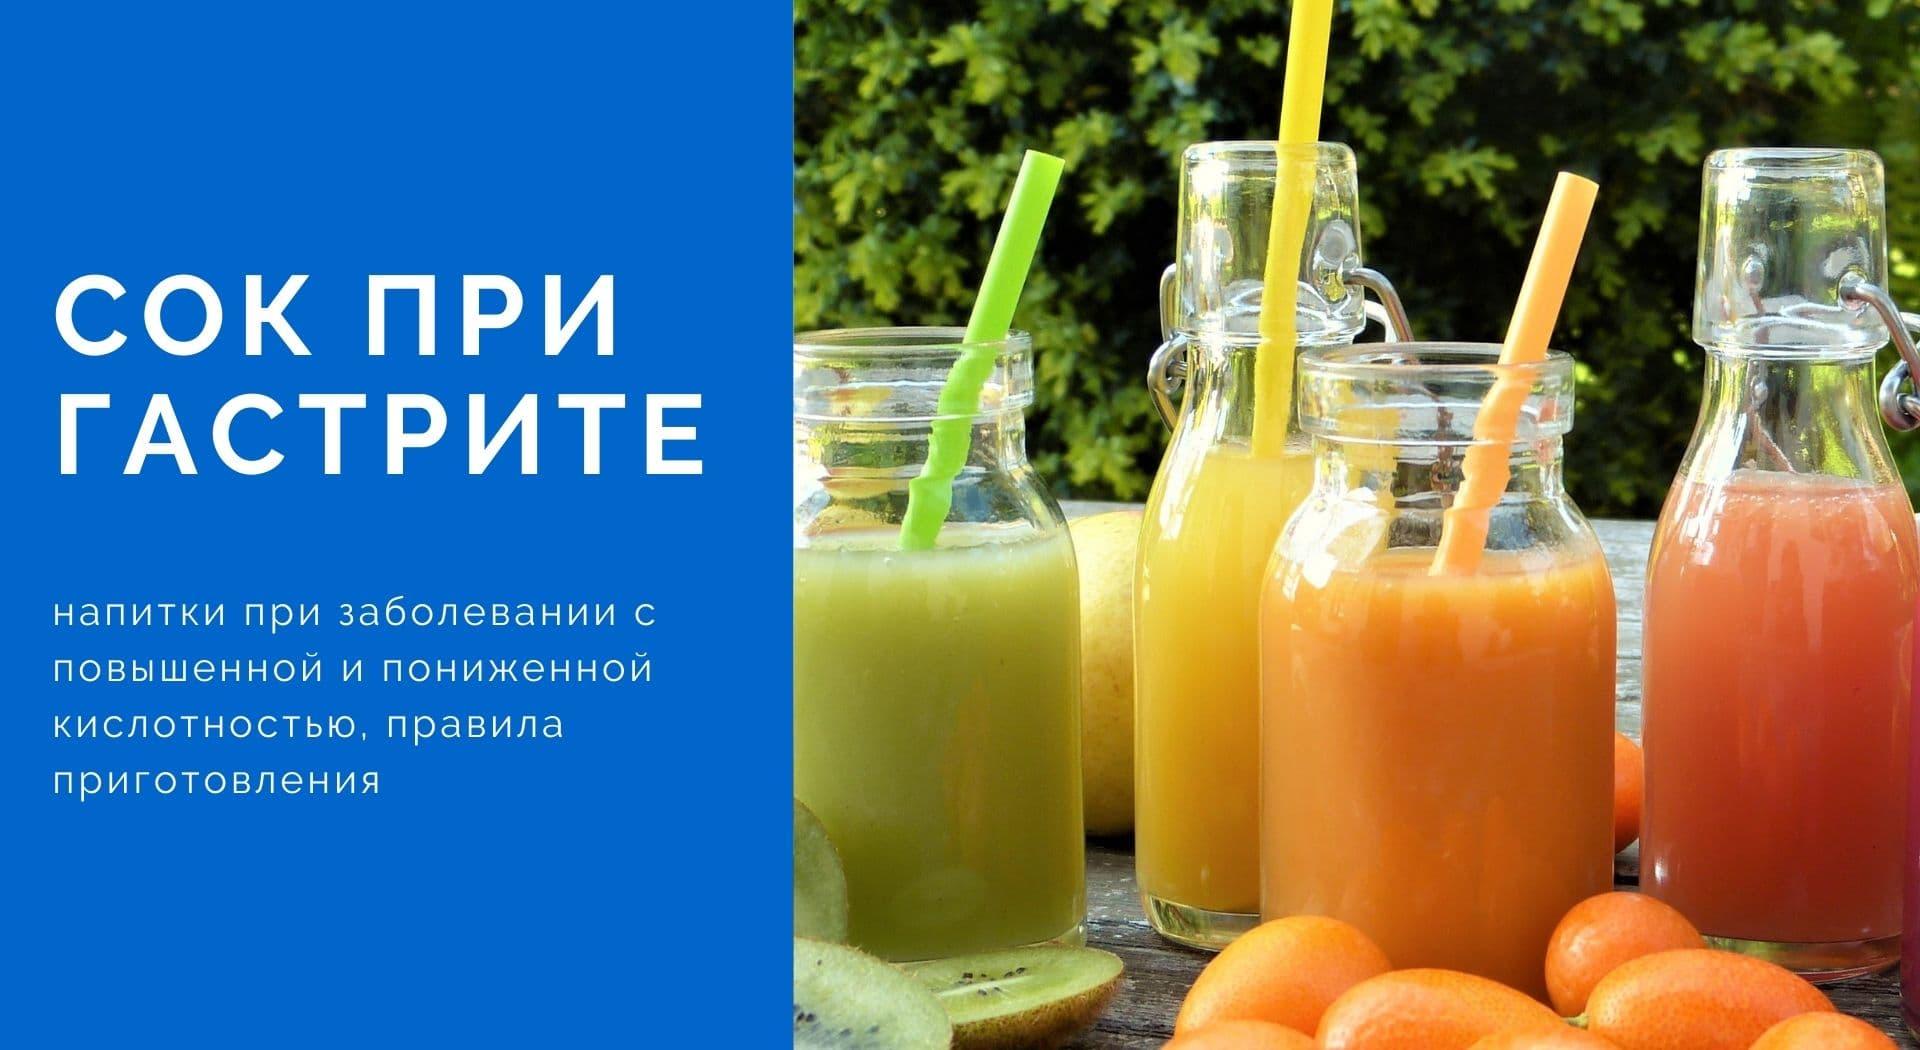 Сок при гастрите: напитки при заболевании с повышенной и пониженной кислотностью, правила приготовления